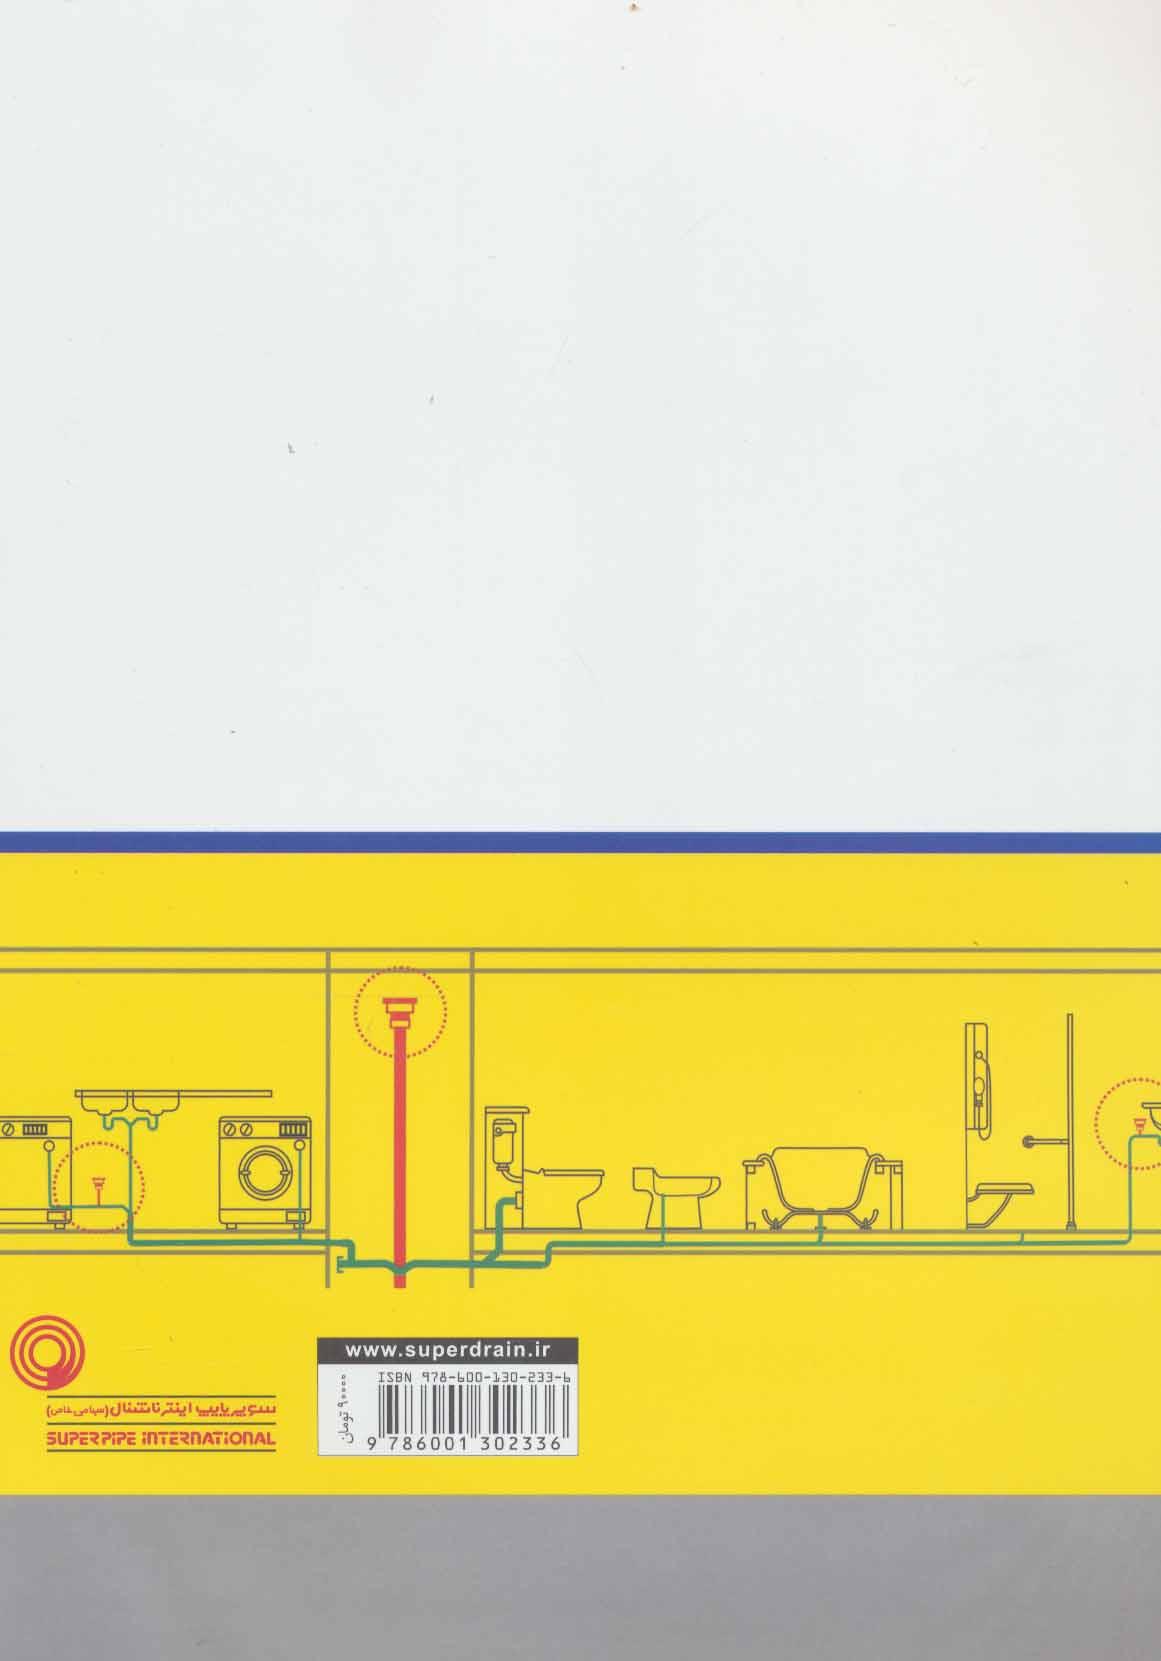 کتاب فنی سوپر درین (مفاهیم،مبانی و طراحی سیستم فاضلاب و ونت ساختمان)